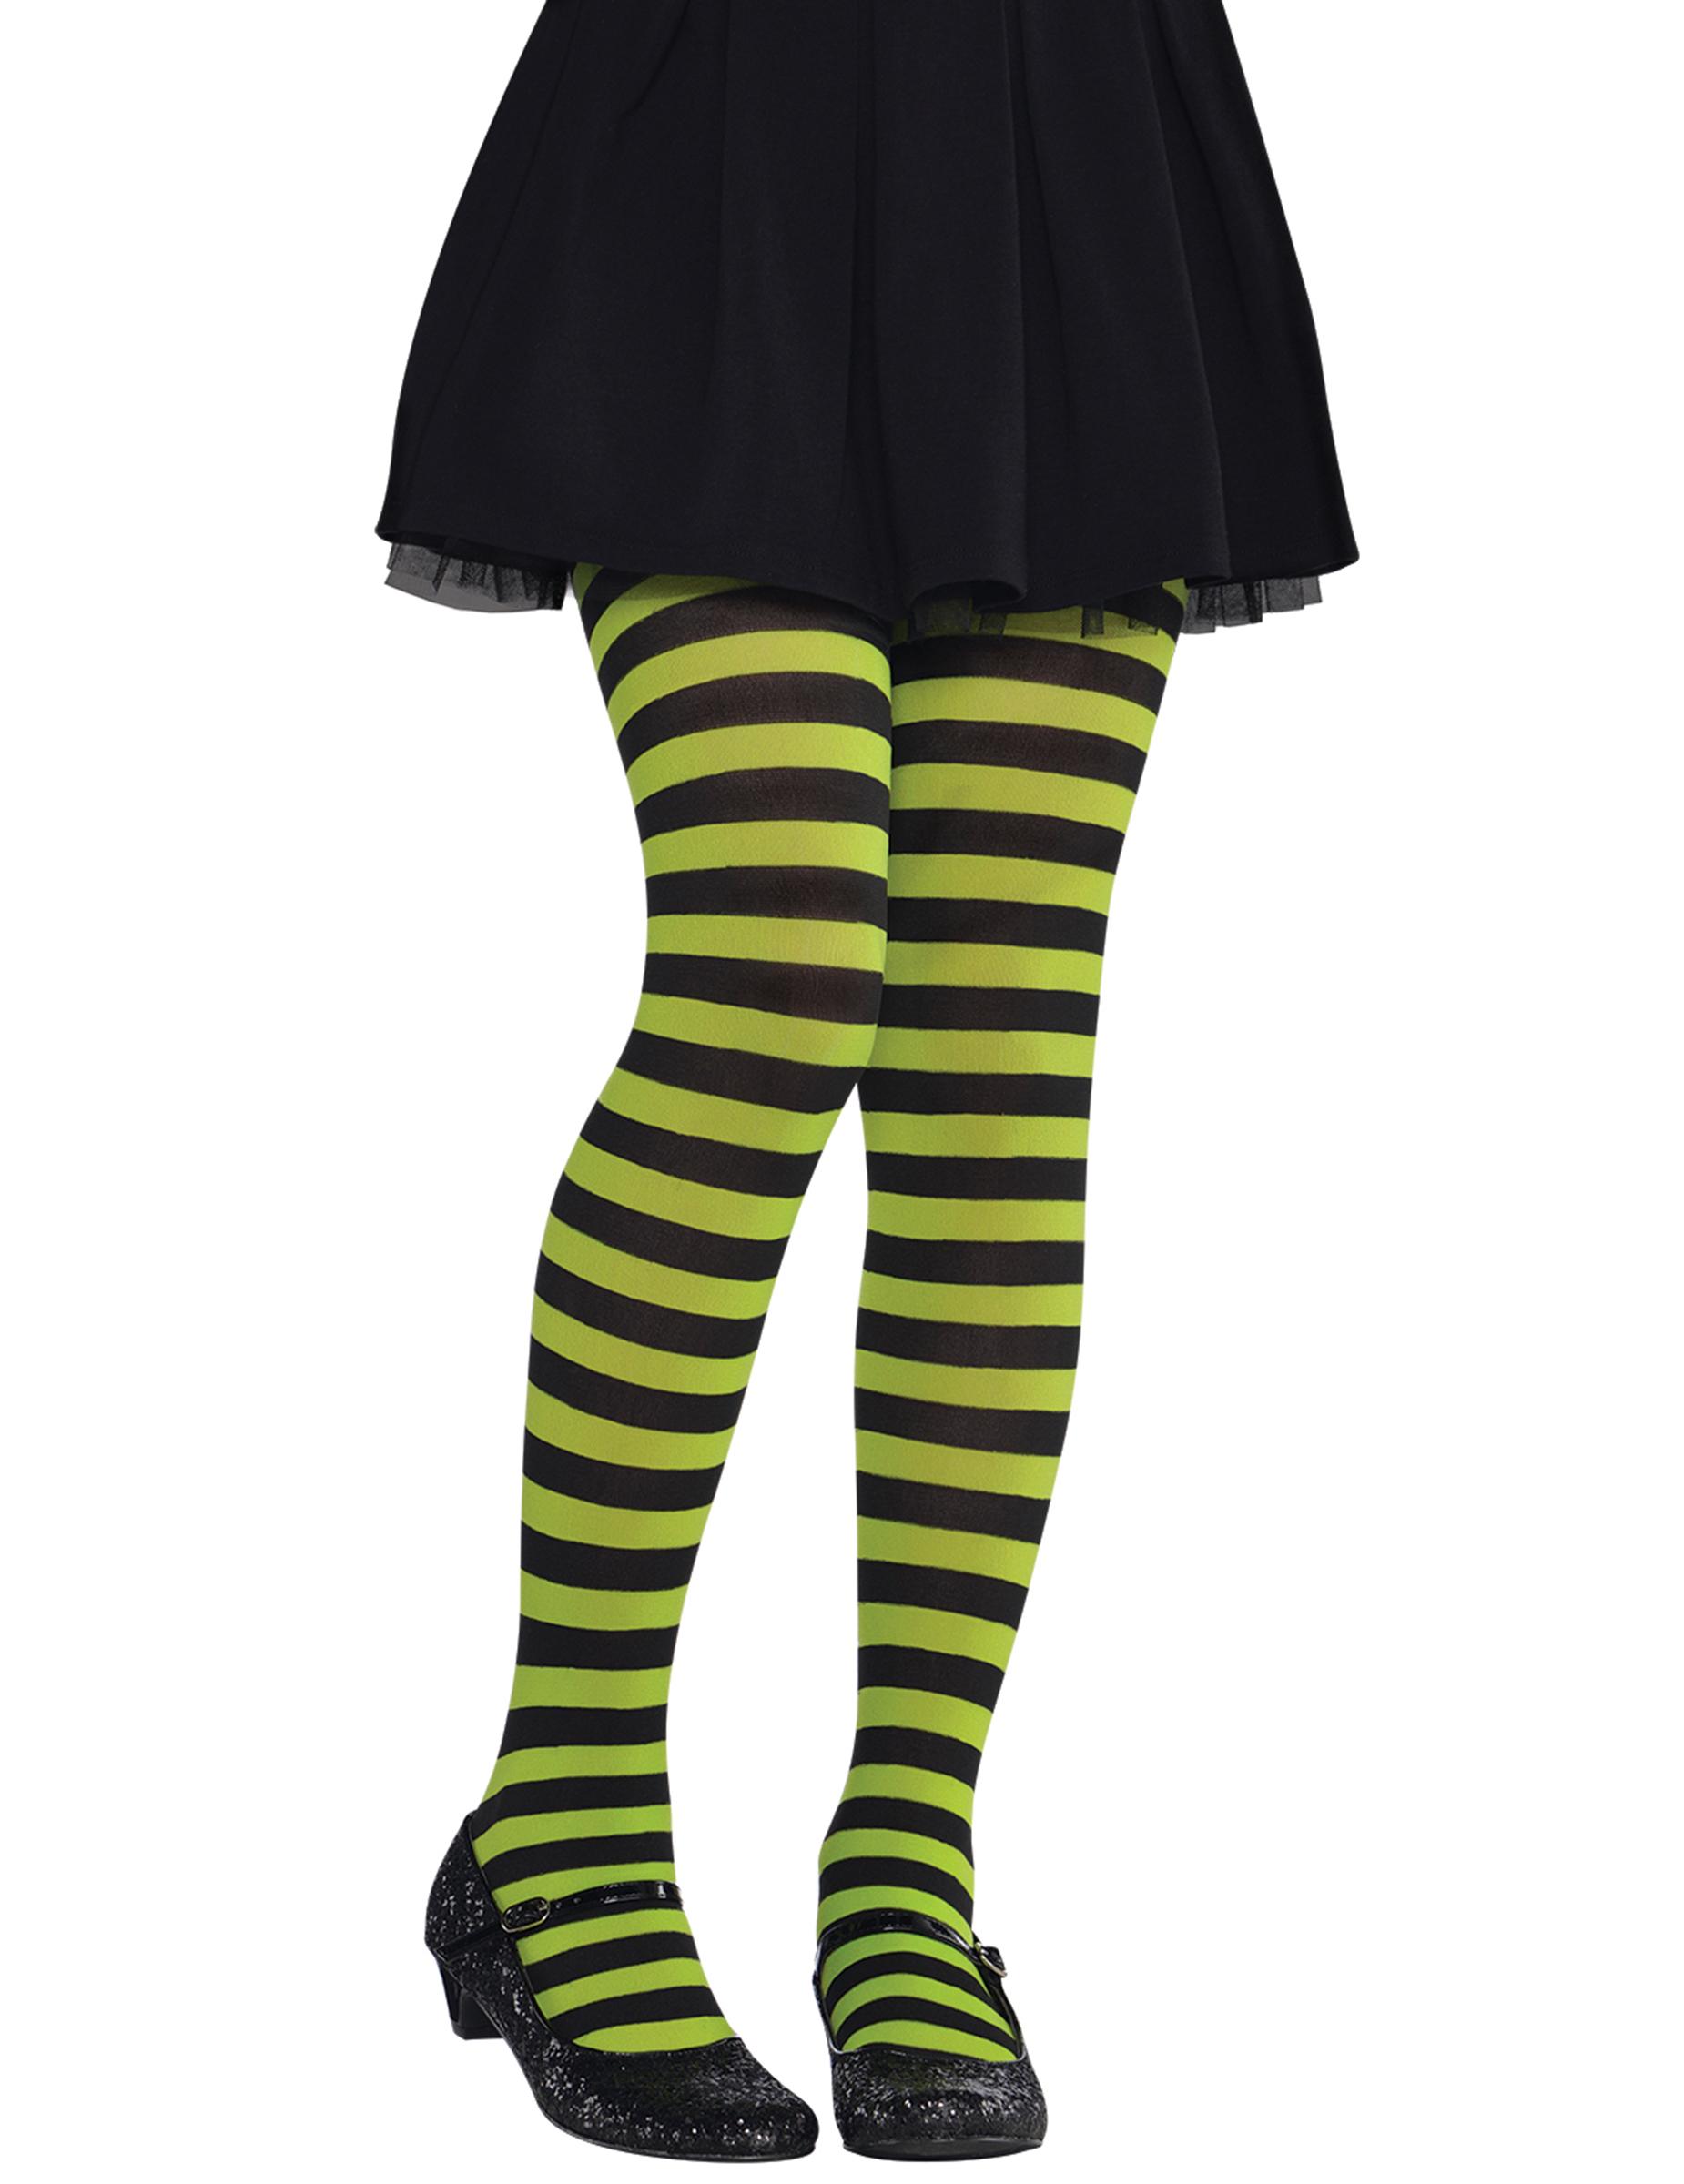 collants ray s vert et noir enfant deguise toi achat de. Black Bedroom Furniture Sets. Home Design Ideas